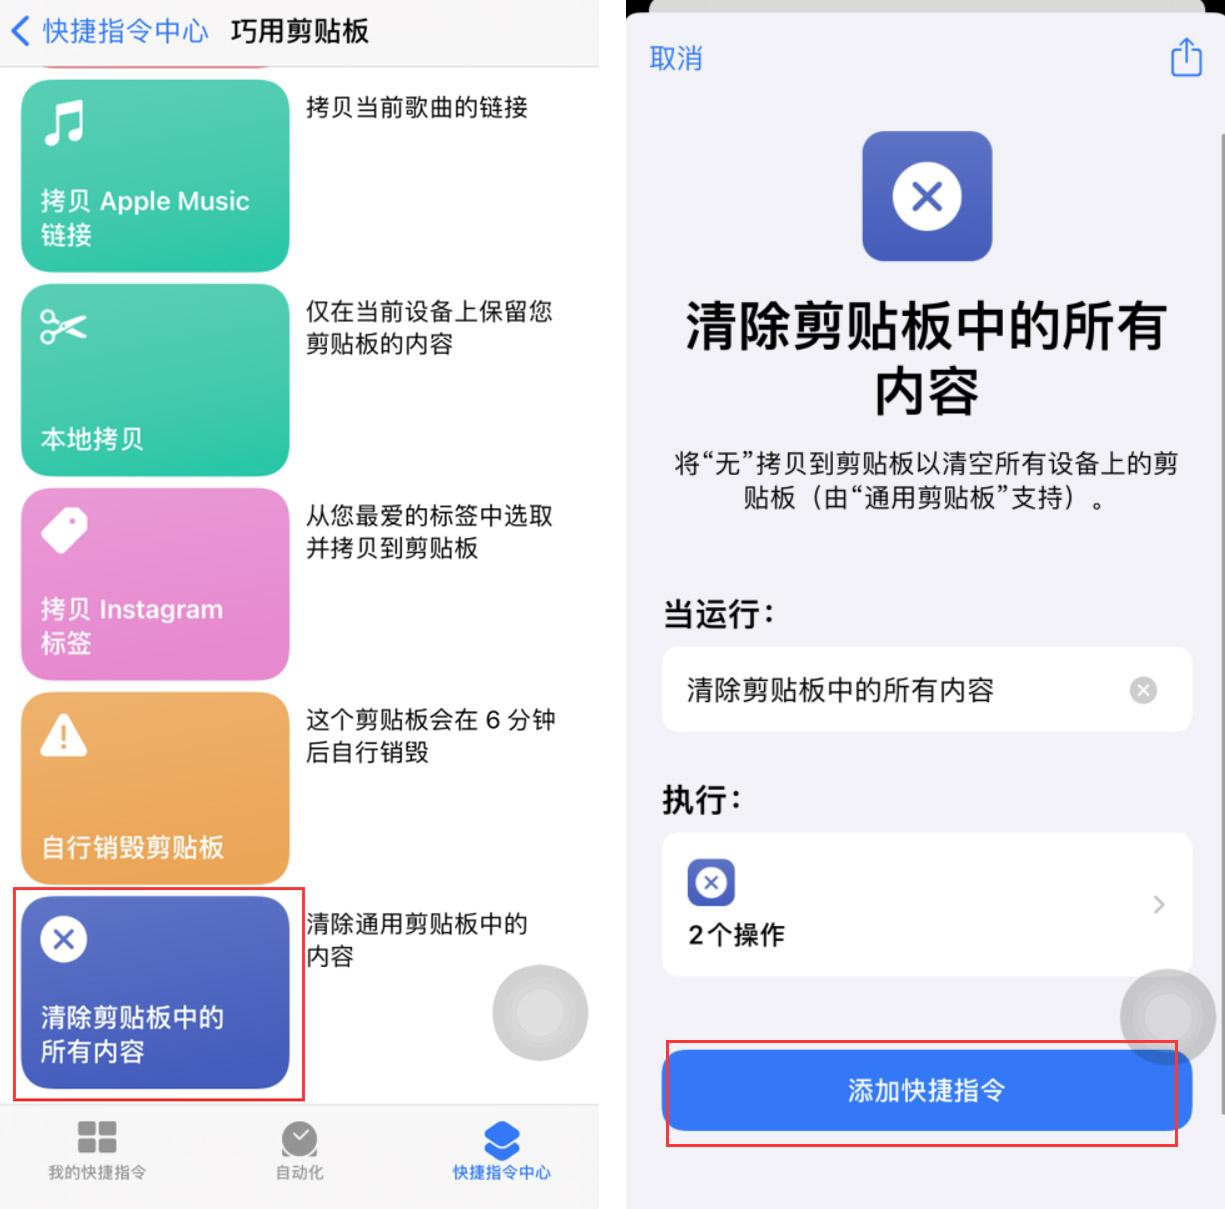 iOS 14 小技巧:一键清除剪贴板中的所有内容